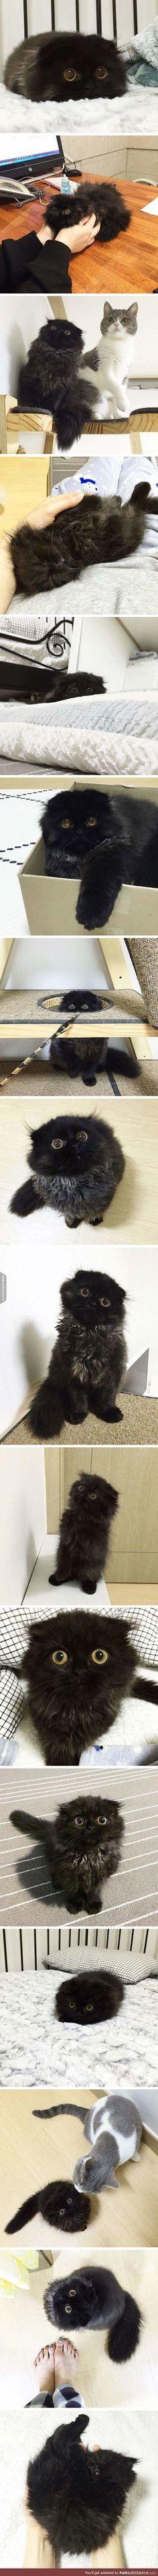 It's a tribble-kitty!